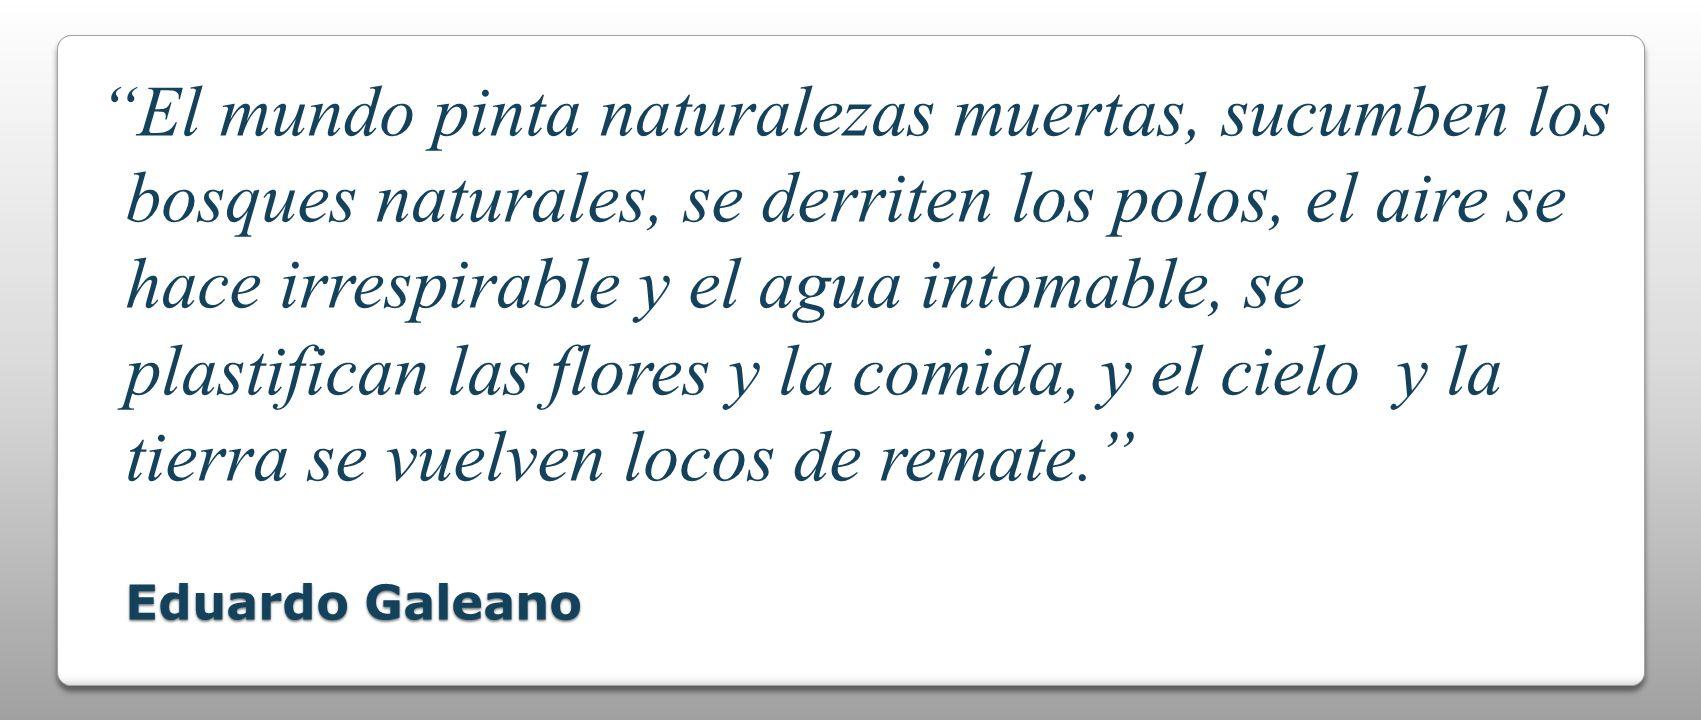 Eduardo Galeano El mundo pinta naturalezas muertas, sucumben los bosques naturales, se derriten los polos, el aire se hace irrespirable y el agua into